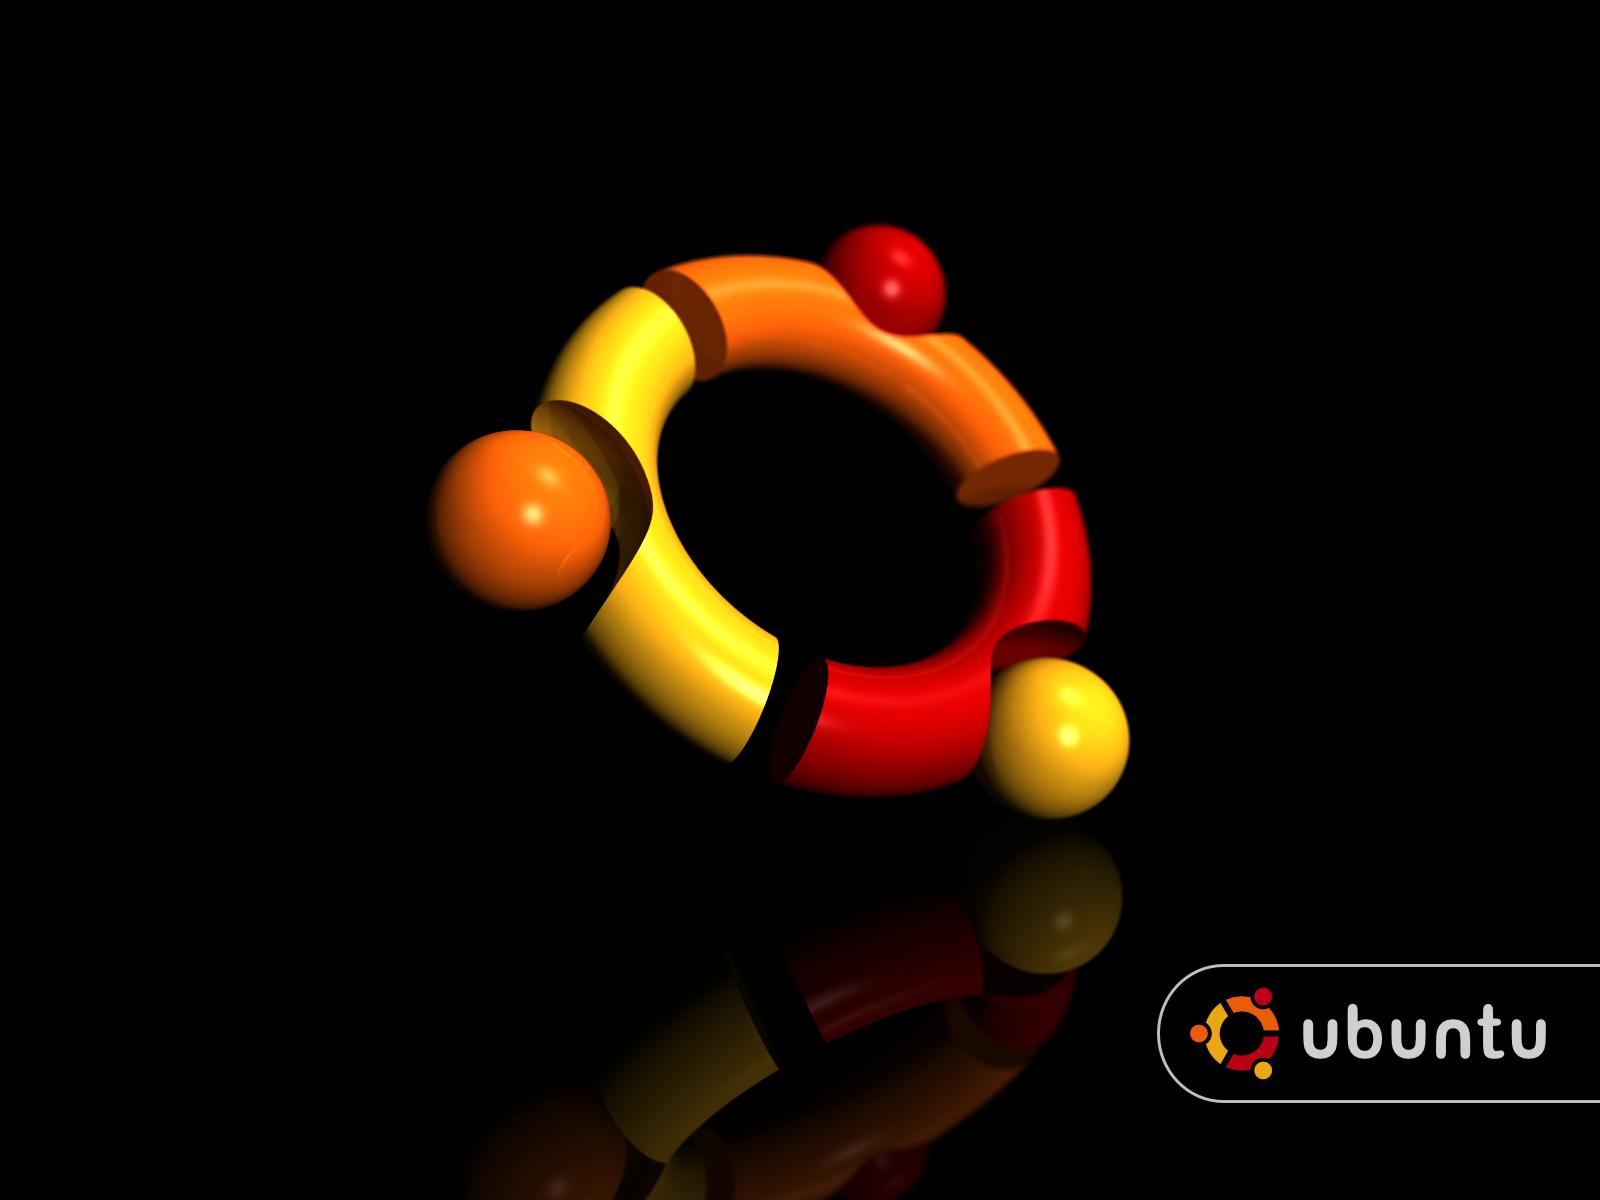 Pic New Posts: Wallpaper Desktop For Ubuntu